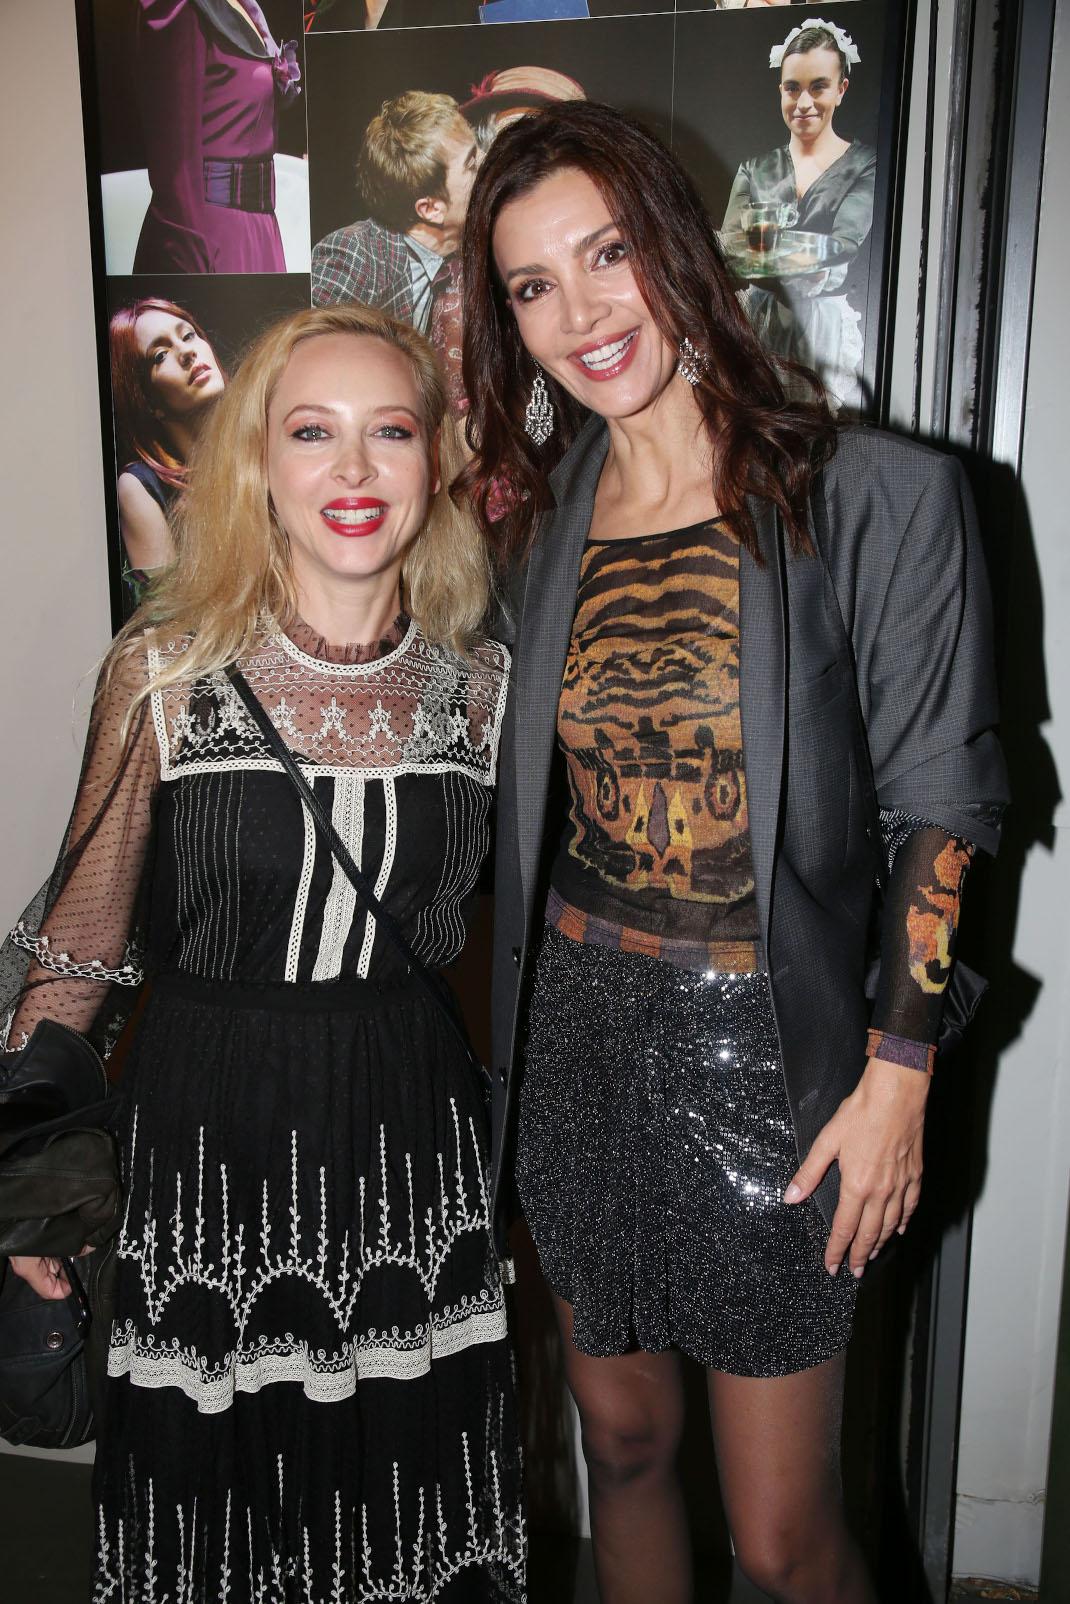 Φαίη Ξυλά: Με αιθέριο φόρεμα Zara που κοστίζει λιγότερο από 50 ευρώ